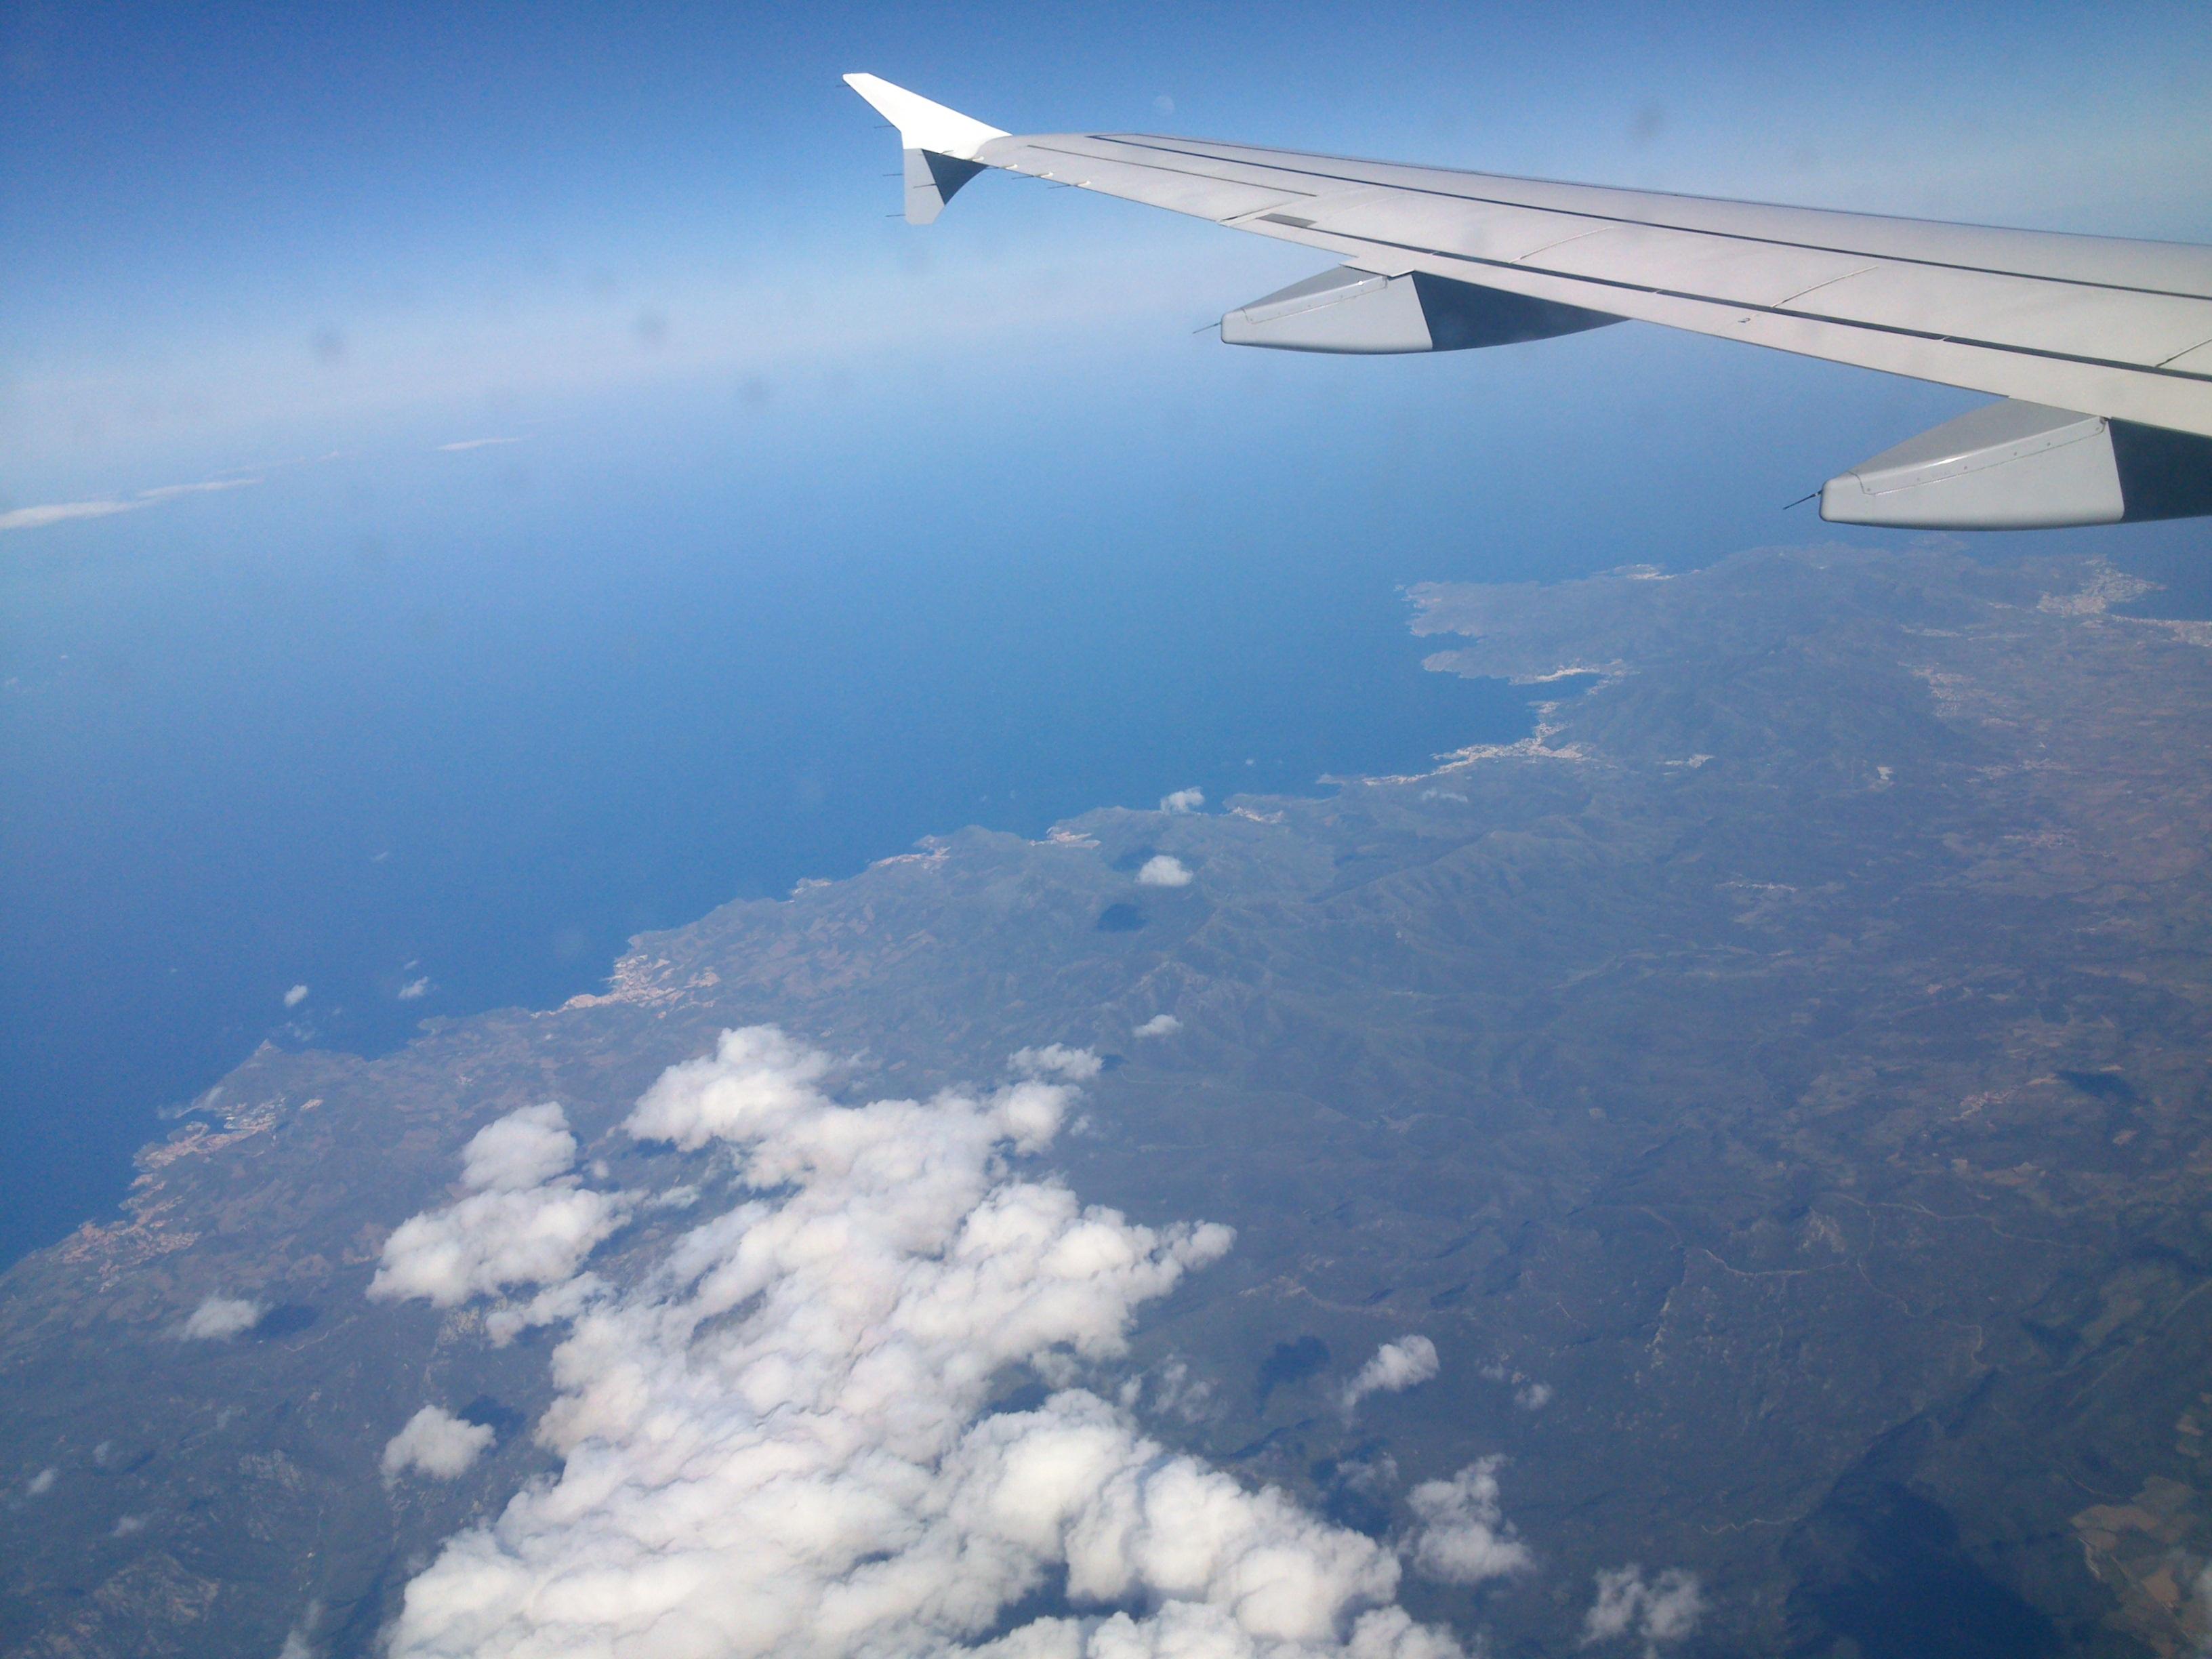 Vacaciones en gran canaria - 1 part 7